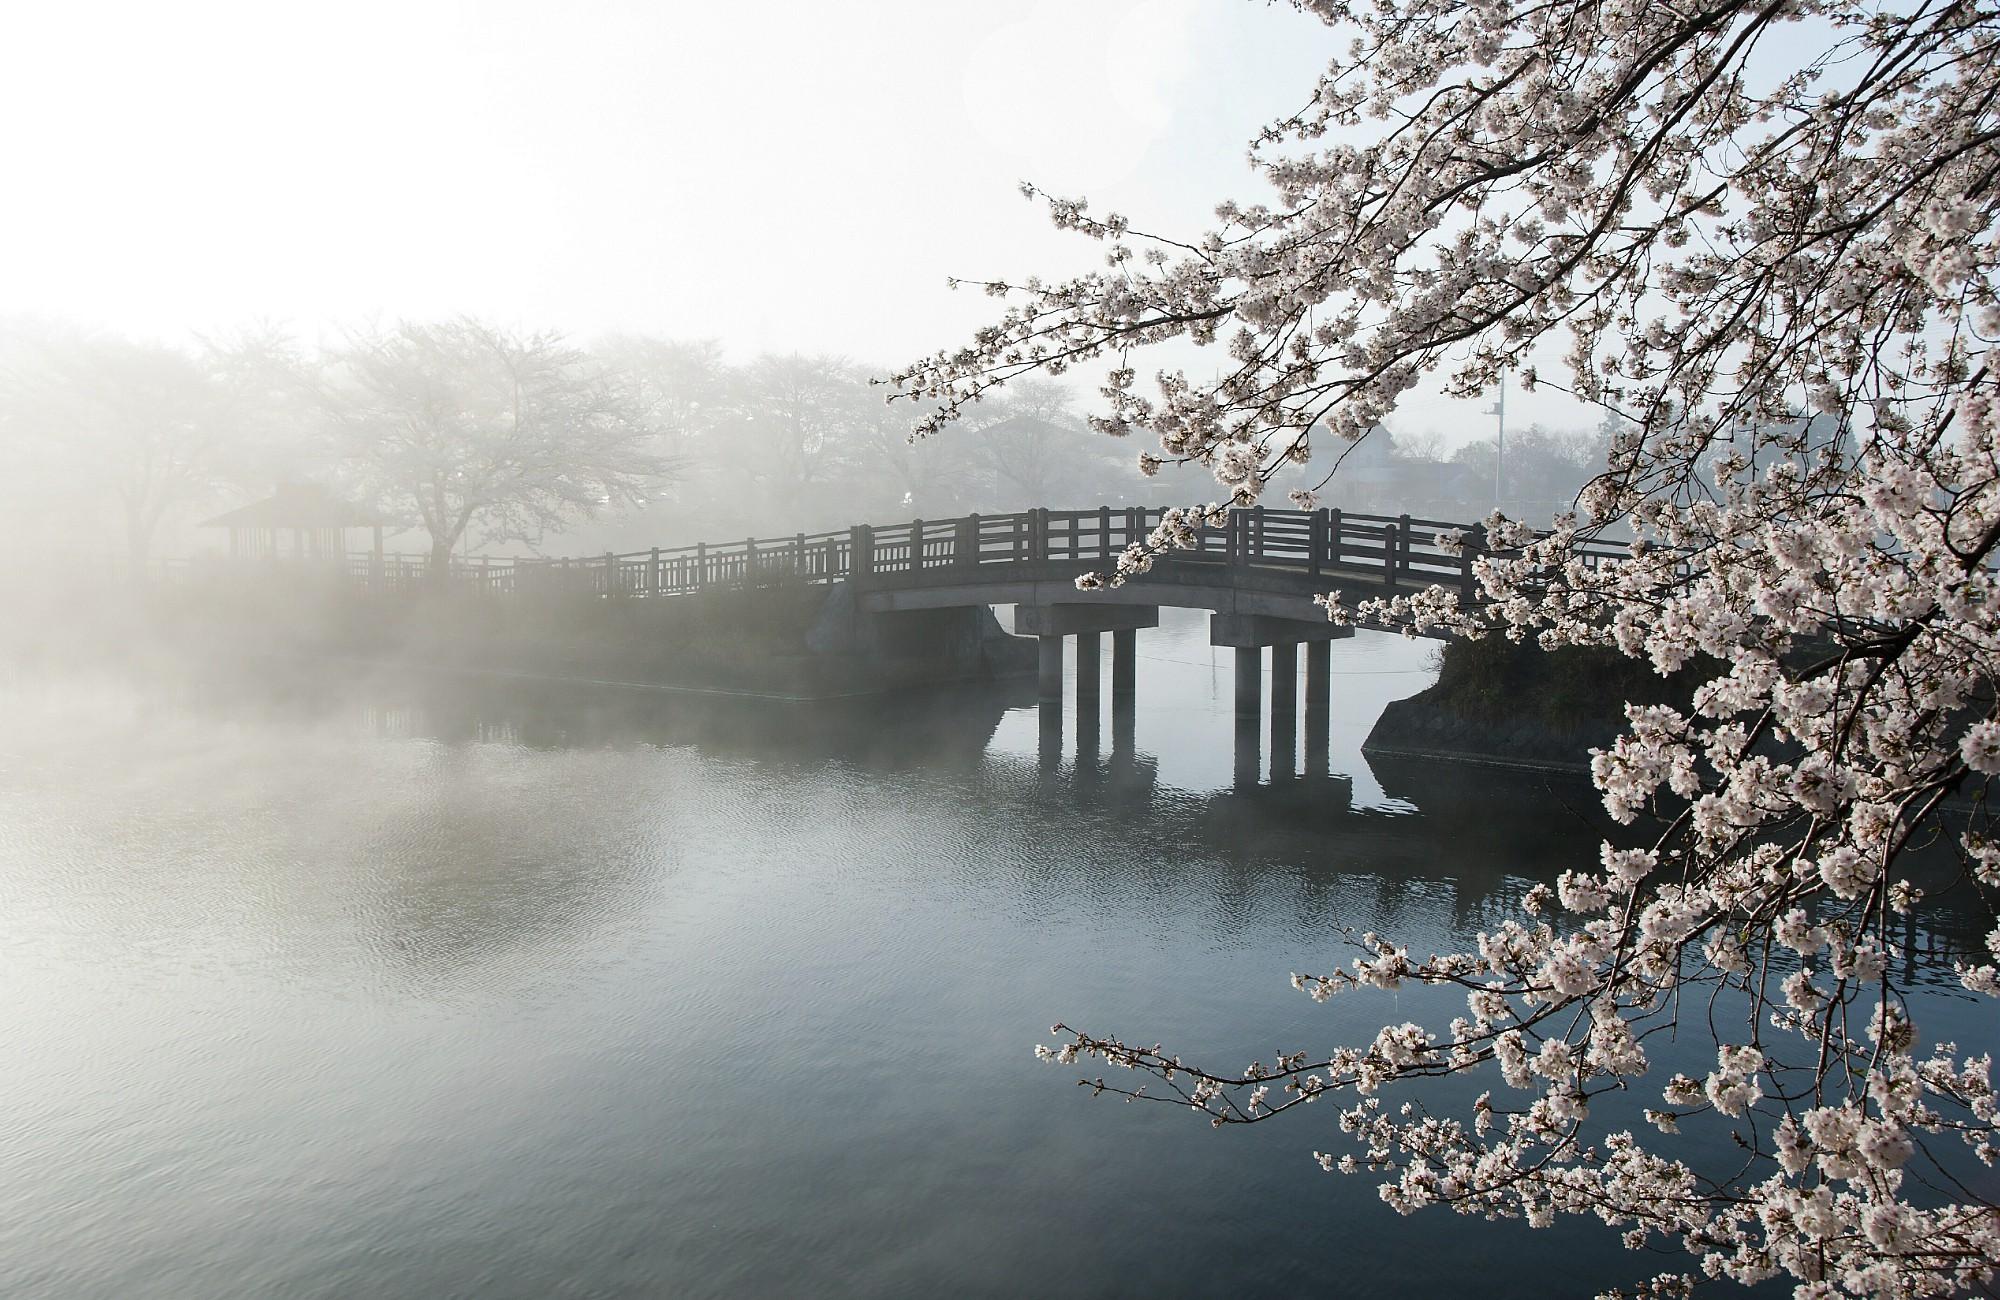 Fleurs de cerisier devant un pont dans le brouillard en croisière au Japon pour Hanami